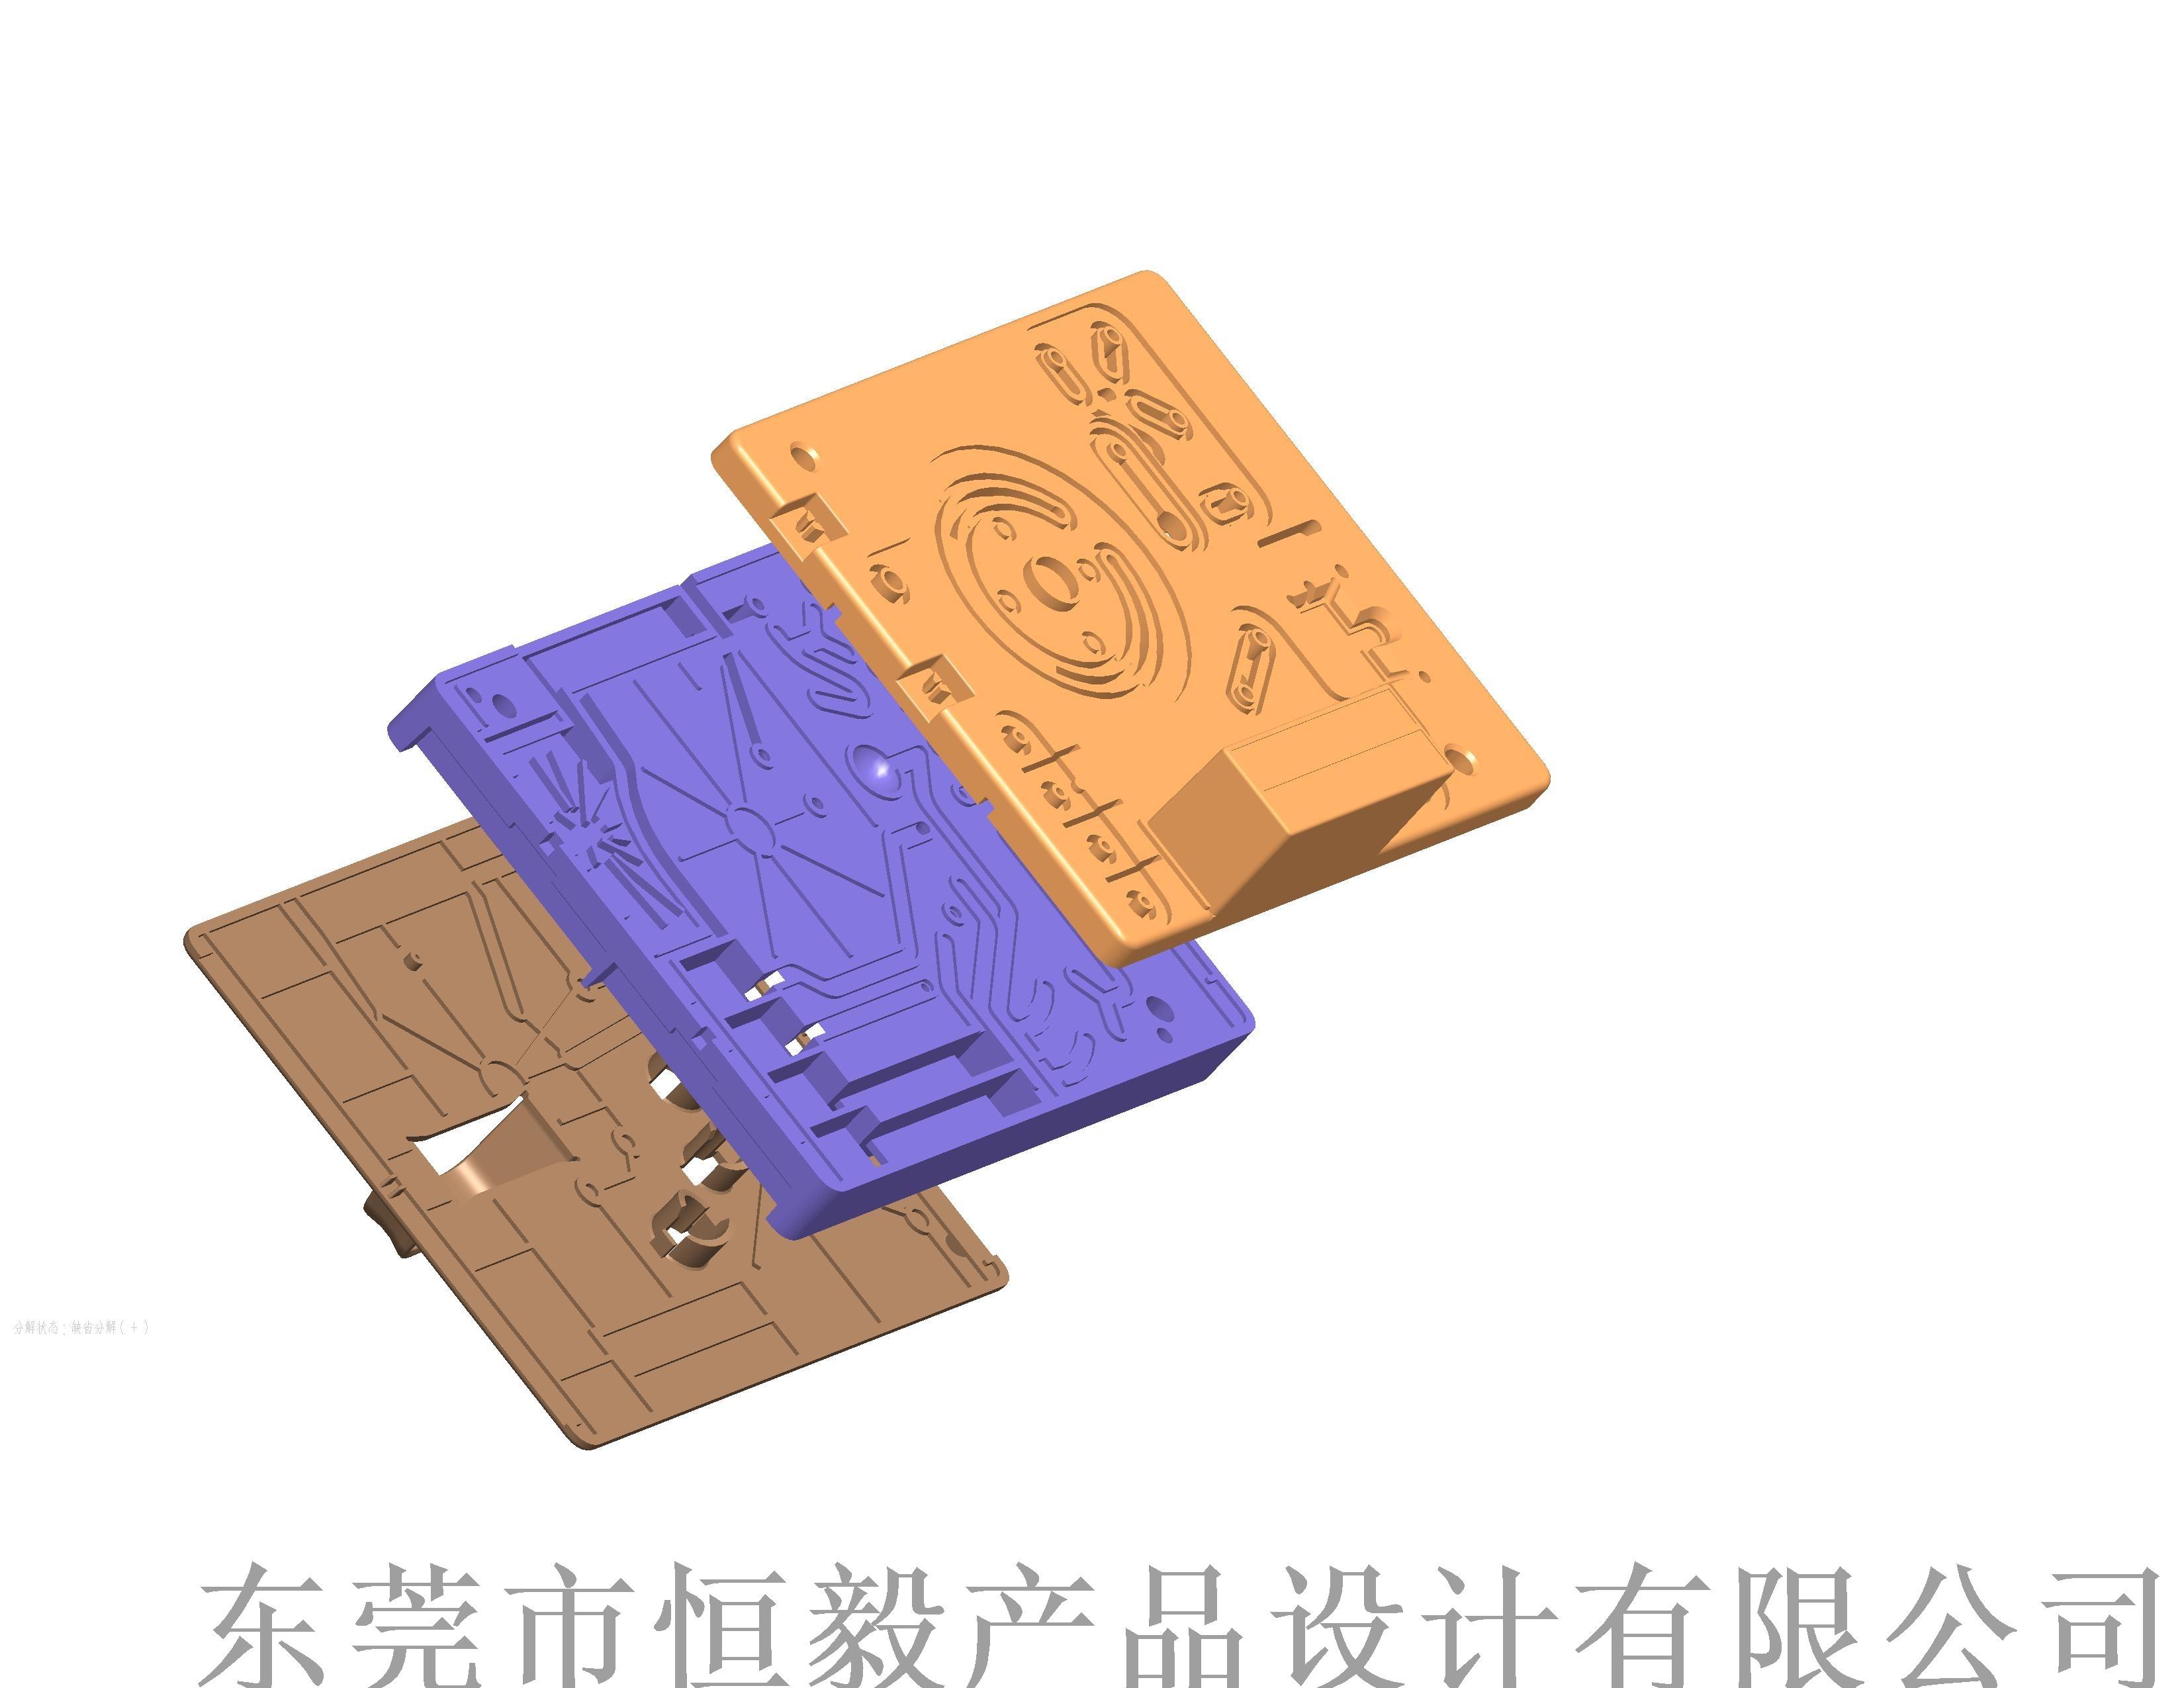 微信图片_20200828211453.jpg